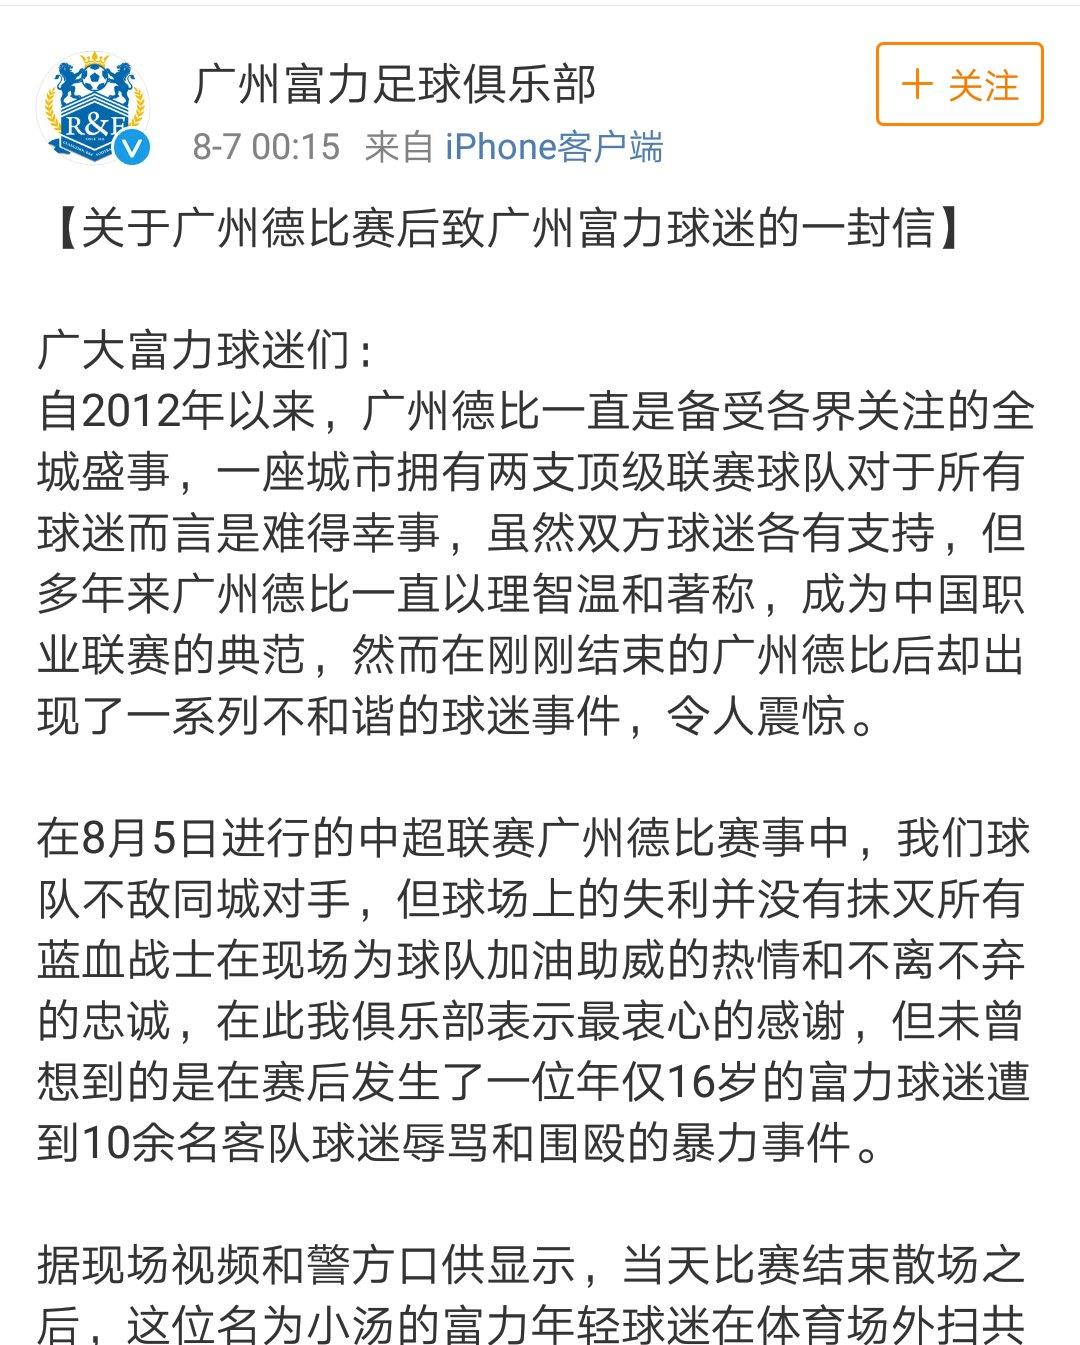 16岁富力小球迷遭恒大球迷围殴,中超广州德比现震惊一幕